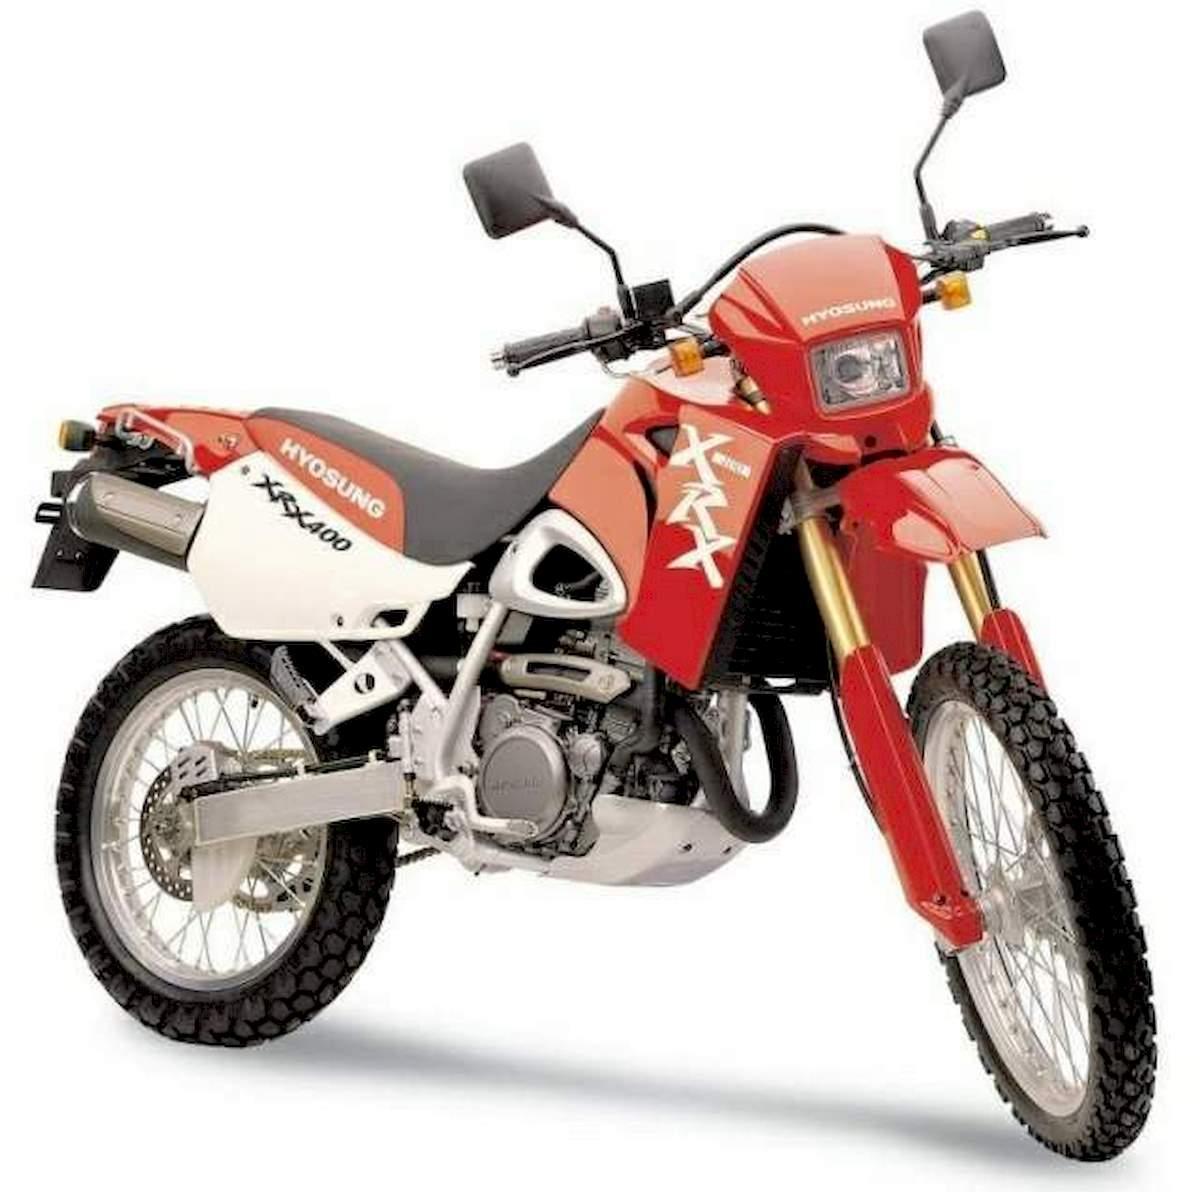 Image of HYOSUNG XRX 400